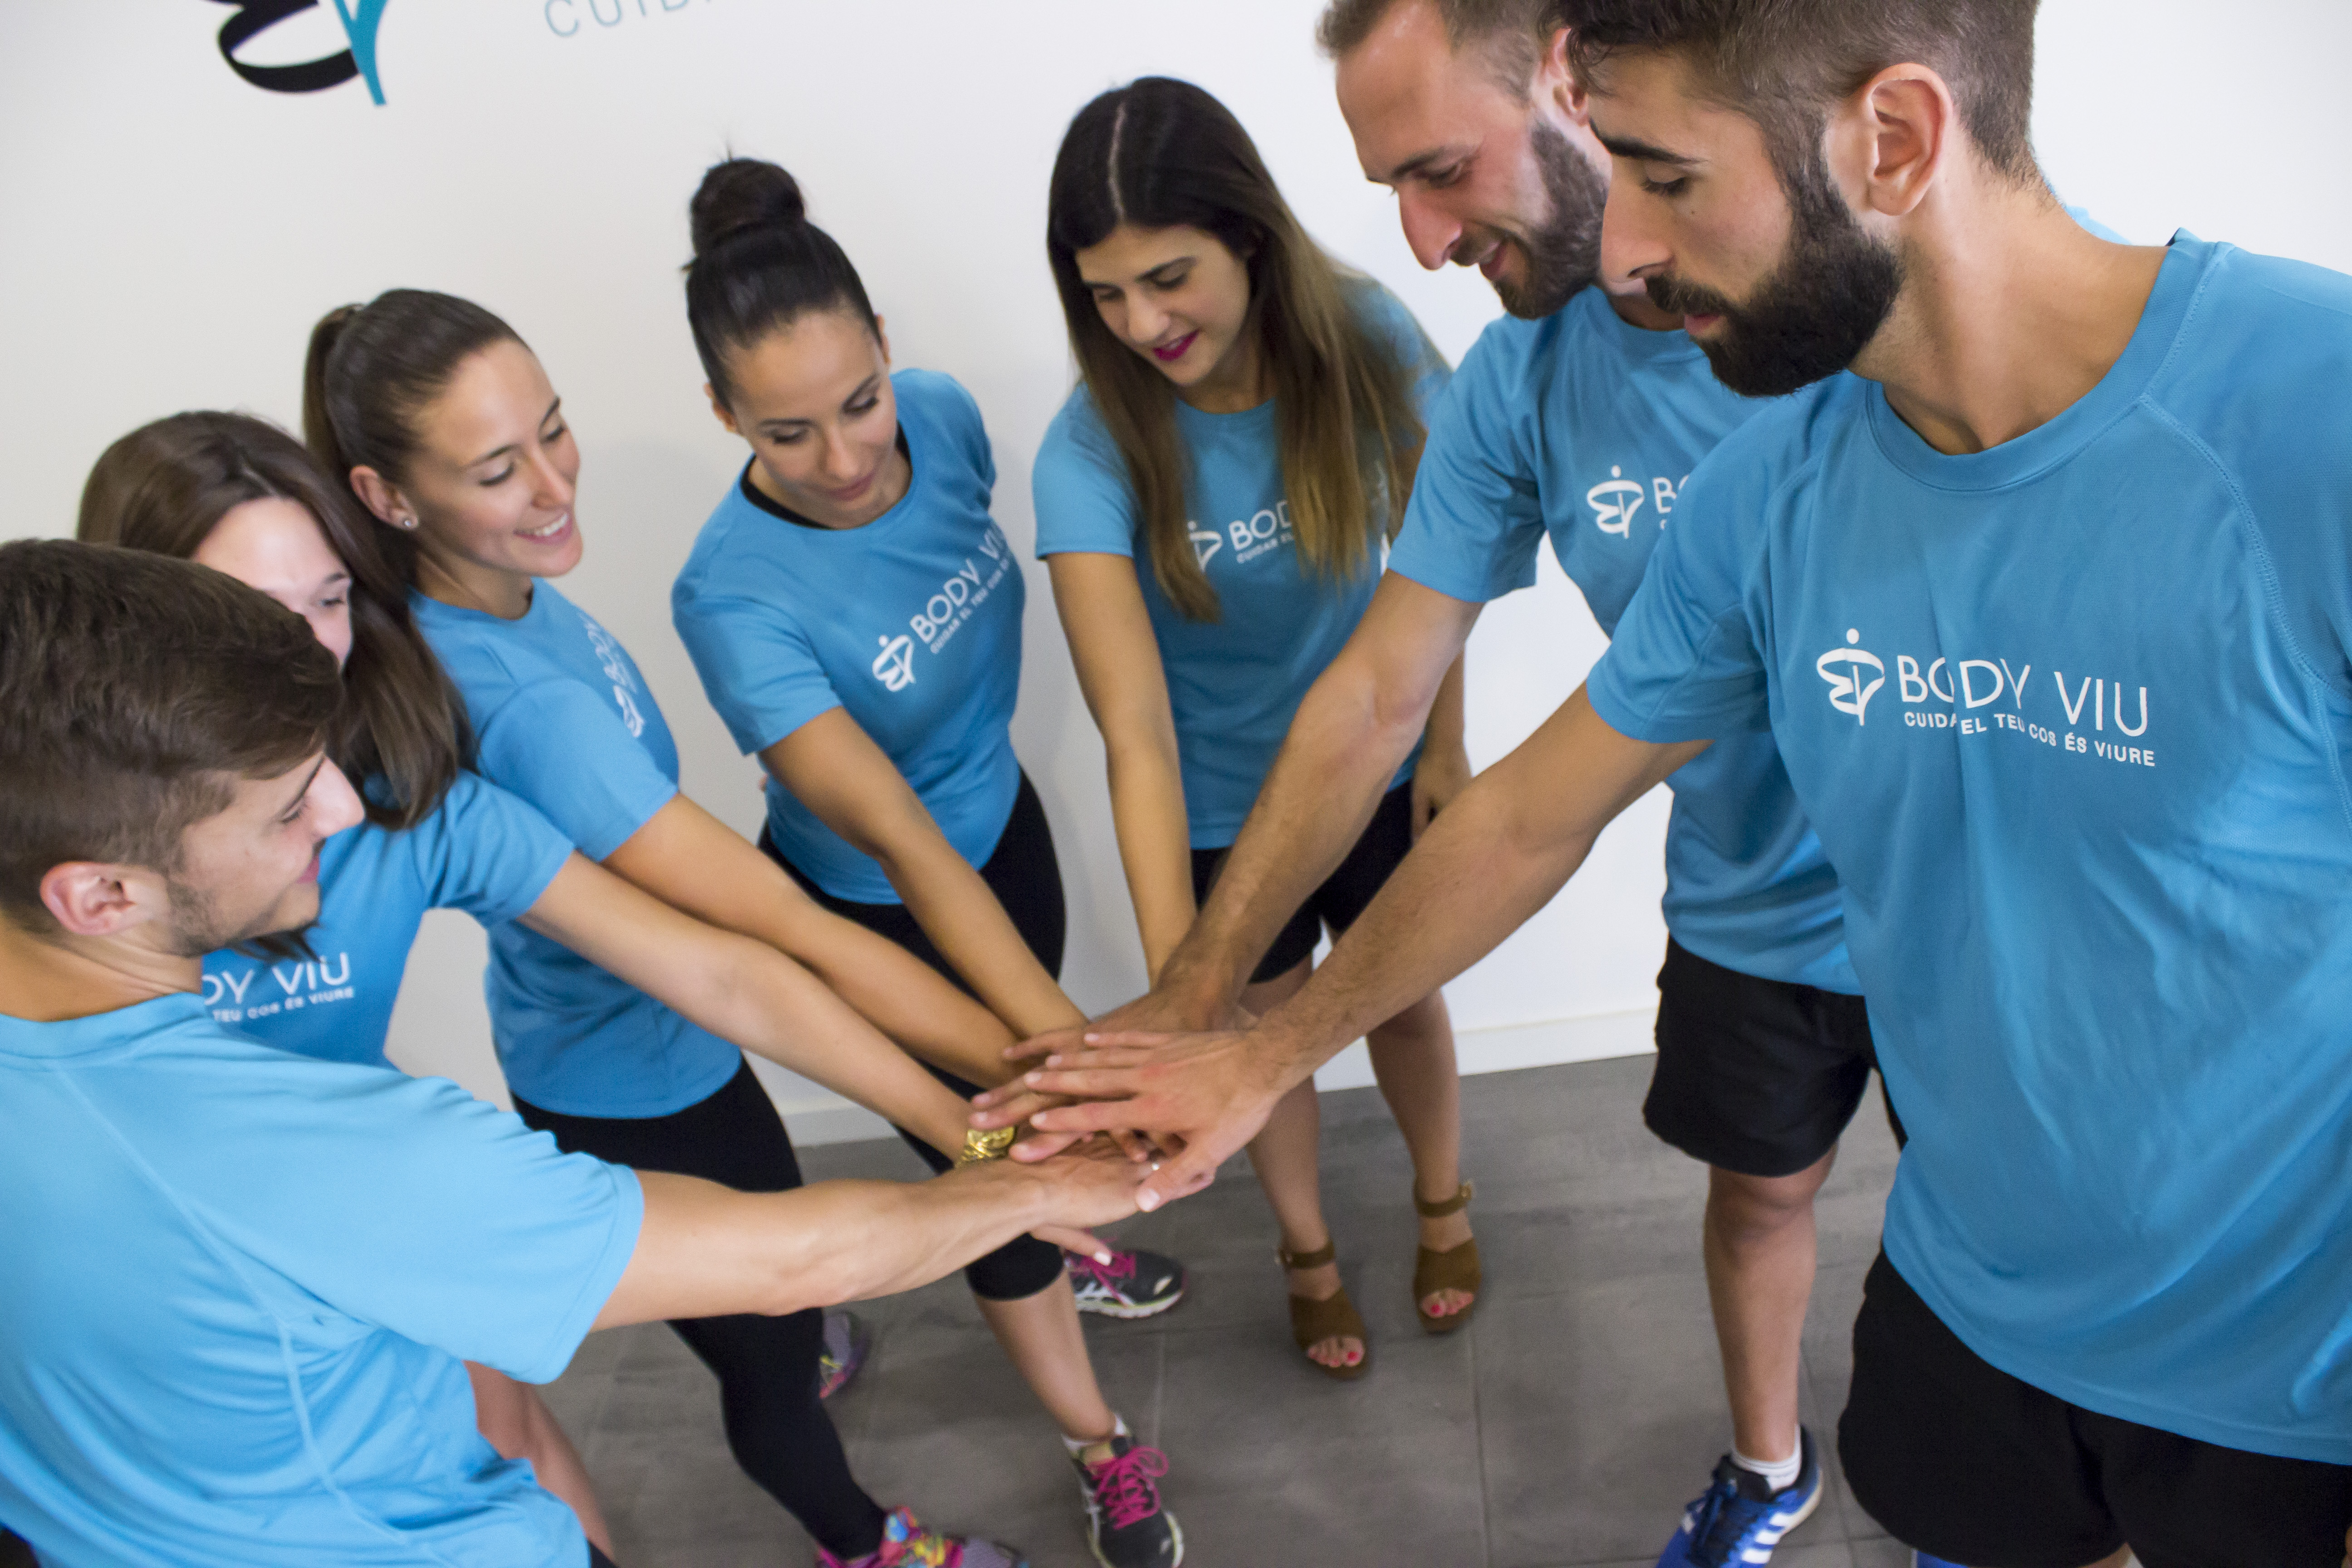 Els nostres companys de Body Viu, ens mostren un entrenament en suspensió, que aprofita el pes del mateix cos per exercitar la musculatura